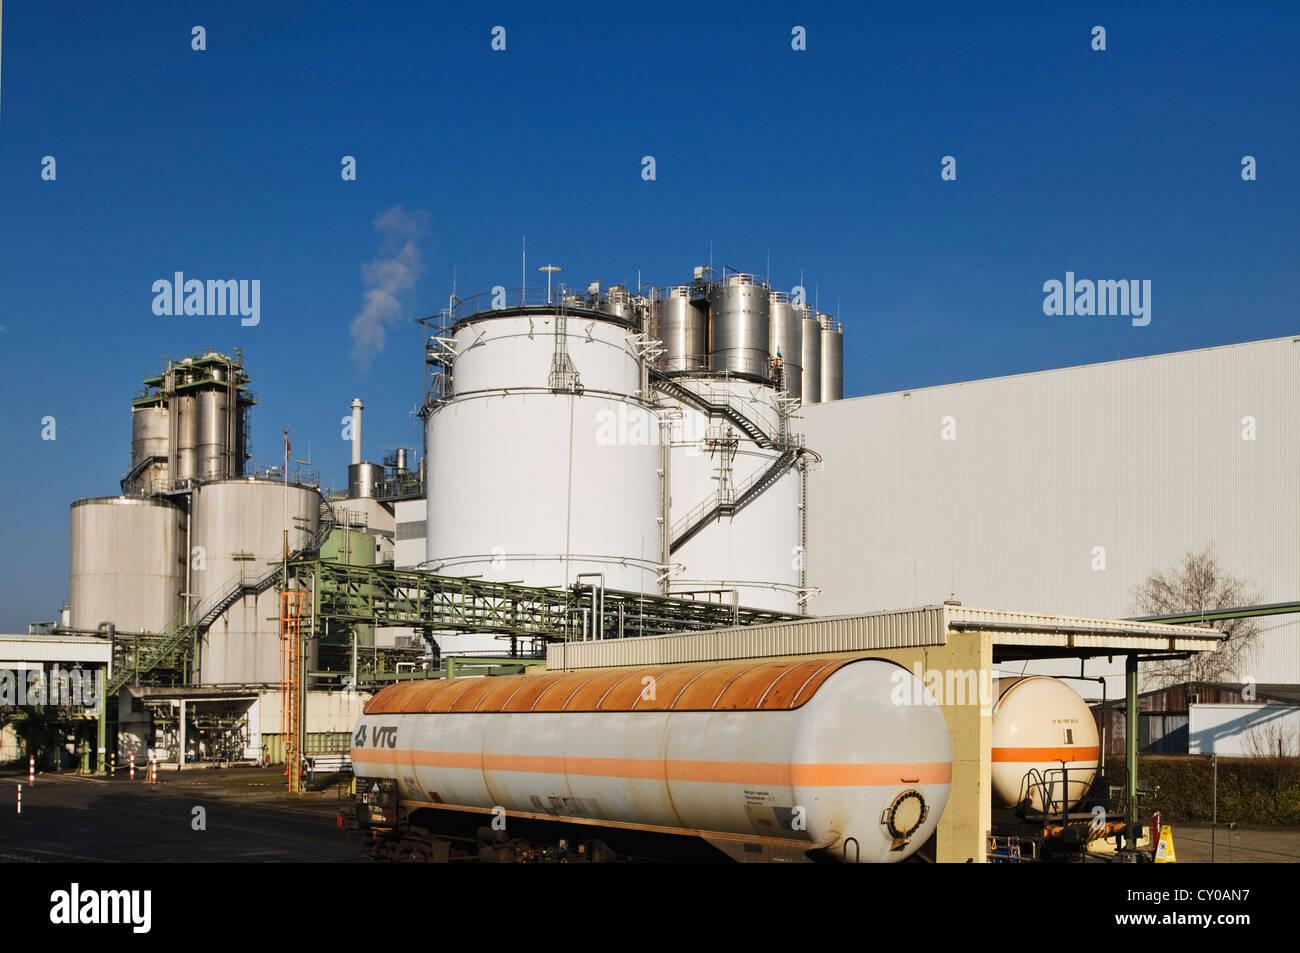 Usine de fabrication industrielle à des wagons-citernes et cheminées, Rhénanie du Nord-Westphalie, Photo Stock